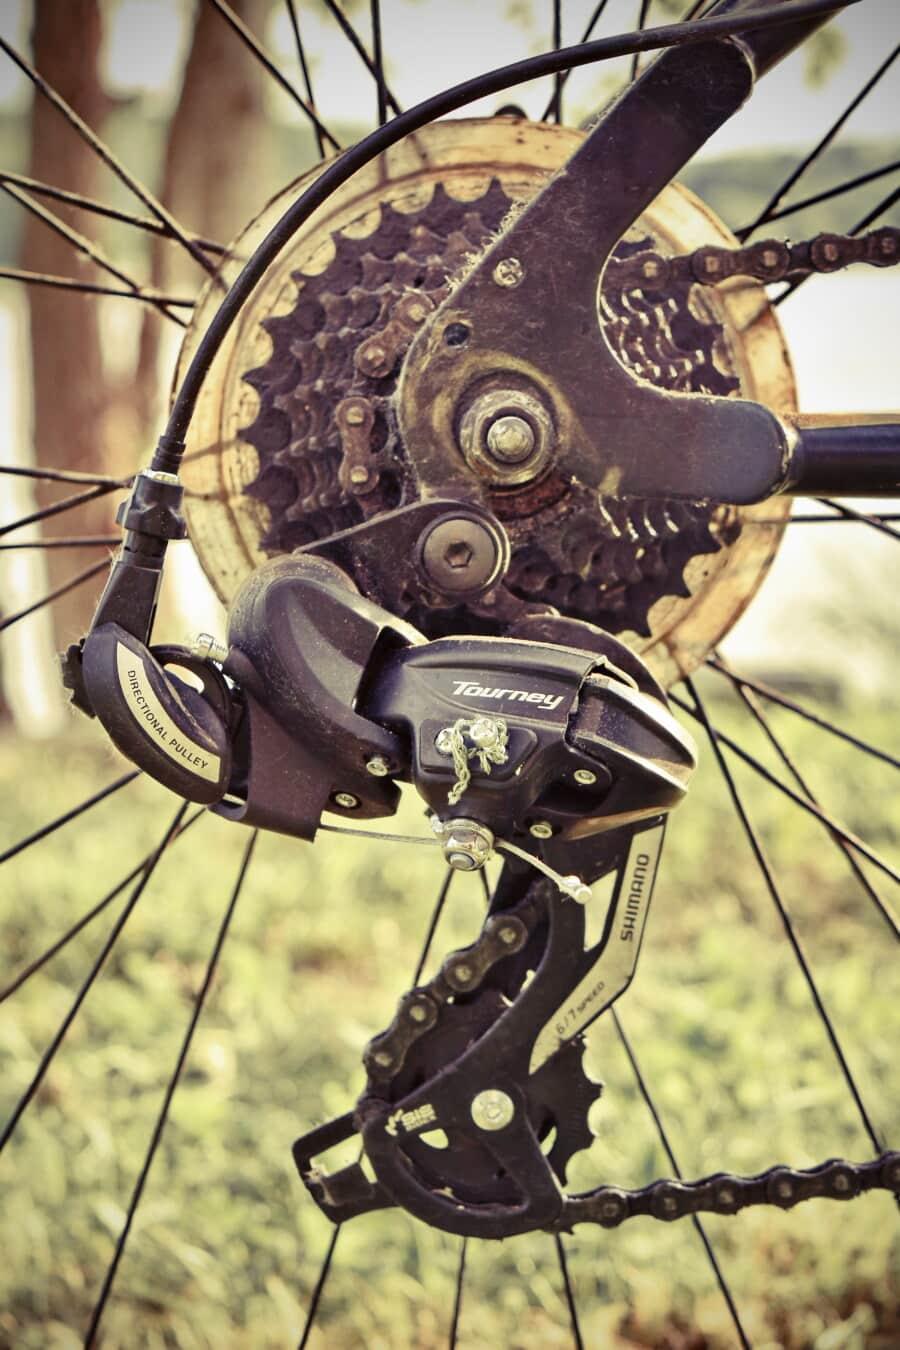 Changement de vitesse, vélo de montagne, les équipement, chaîne, roue, vélo, unité, vélo, vintage, vieux